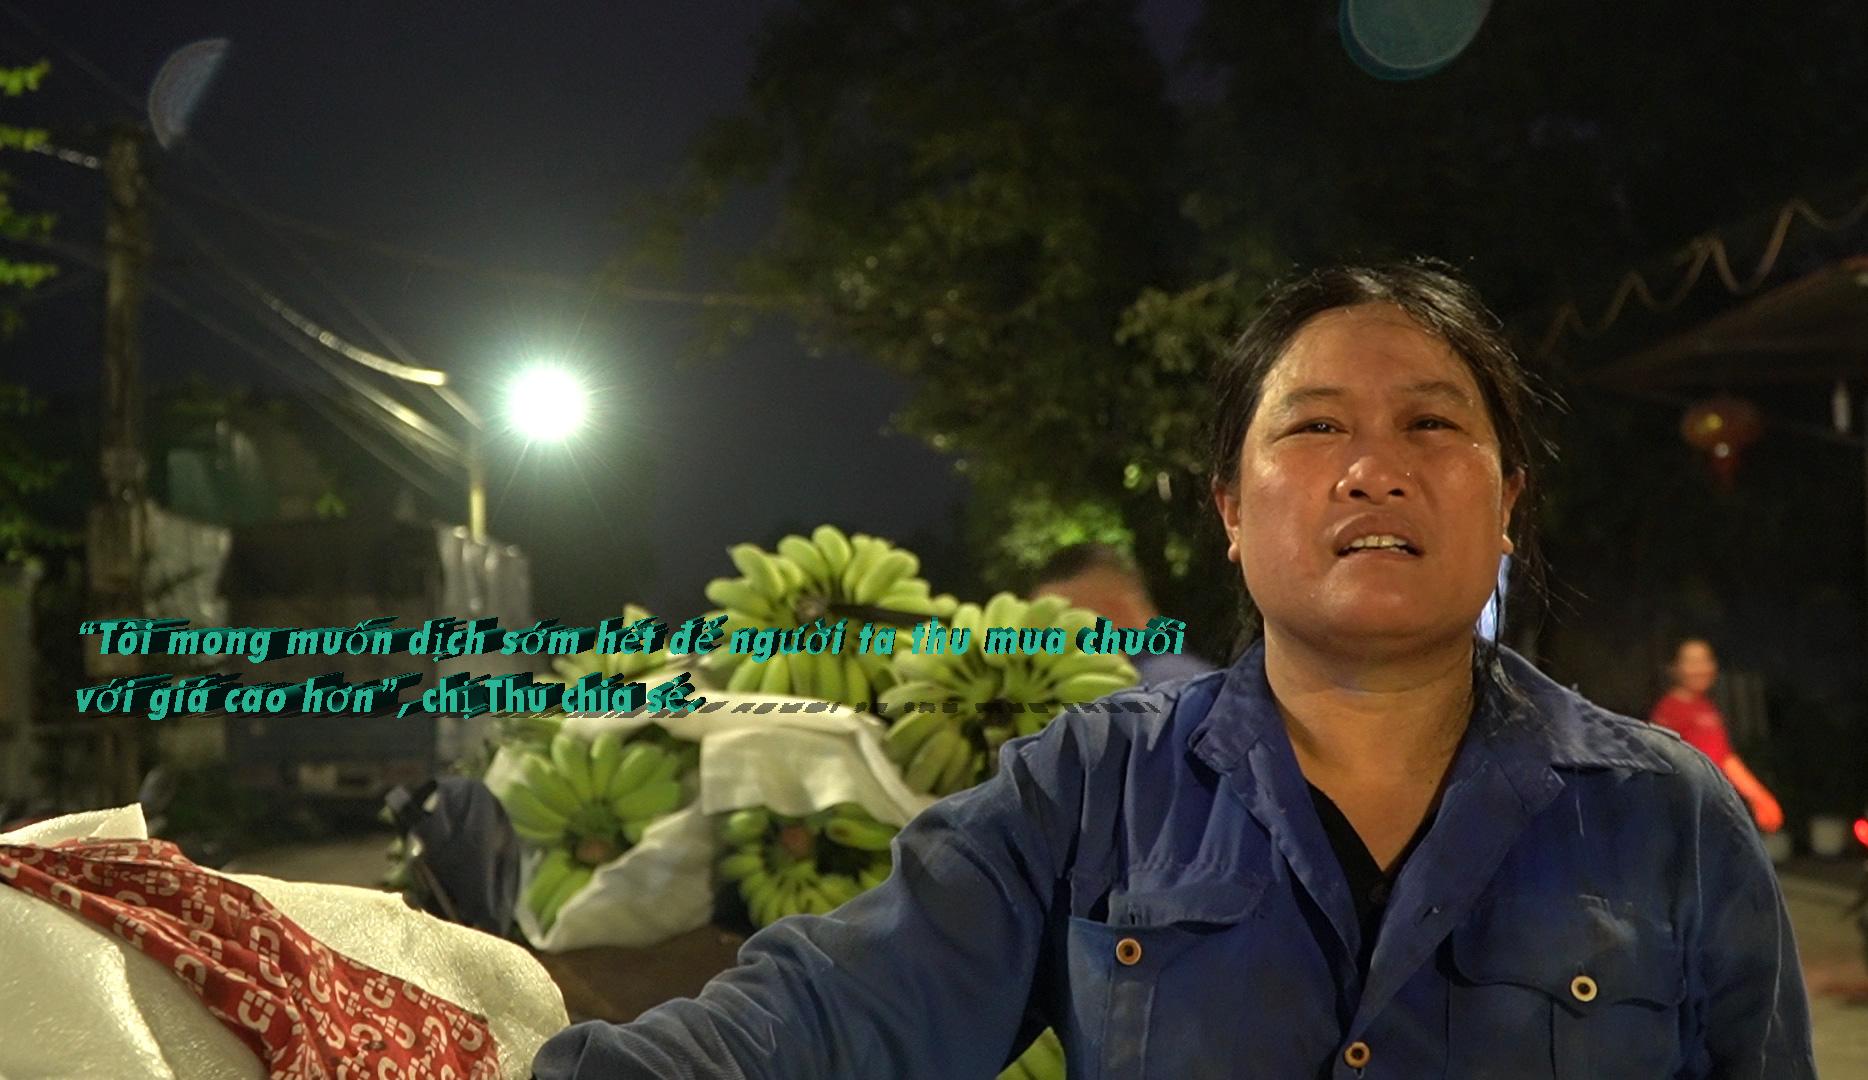 """Hứng chịu """"thảm họa kép"""", người trồng chuối Hưng Yên đau quặn lòng: """"Thương lắm, chuối ơi!"""" - Ảnh 12."""